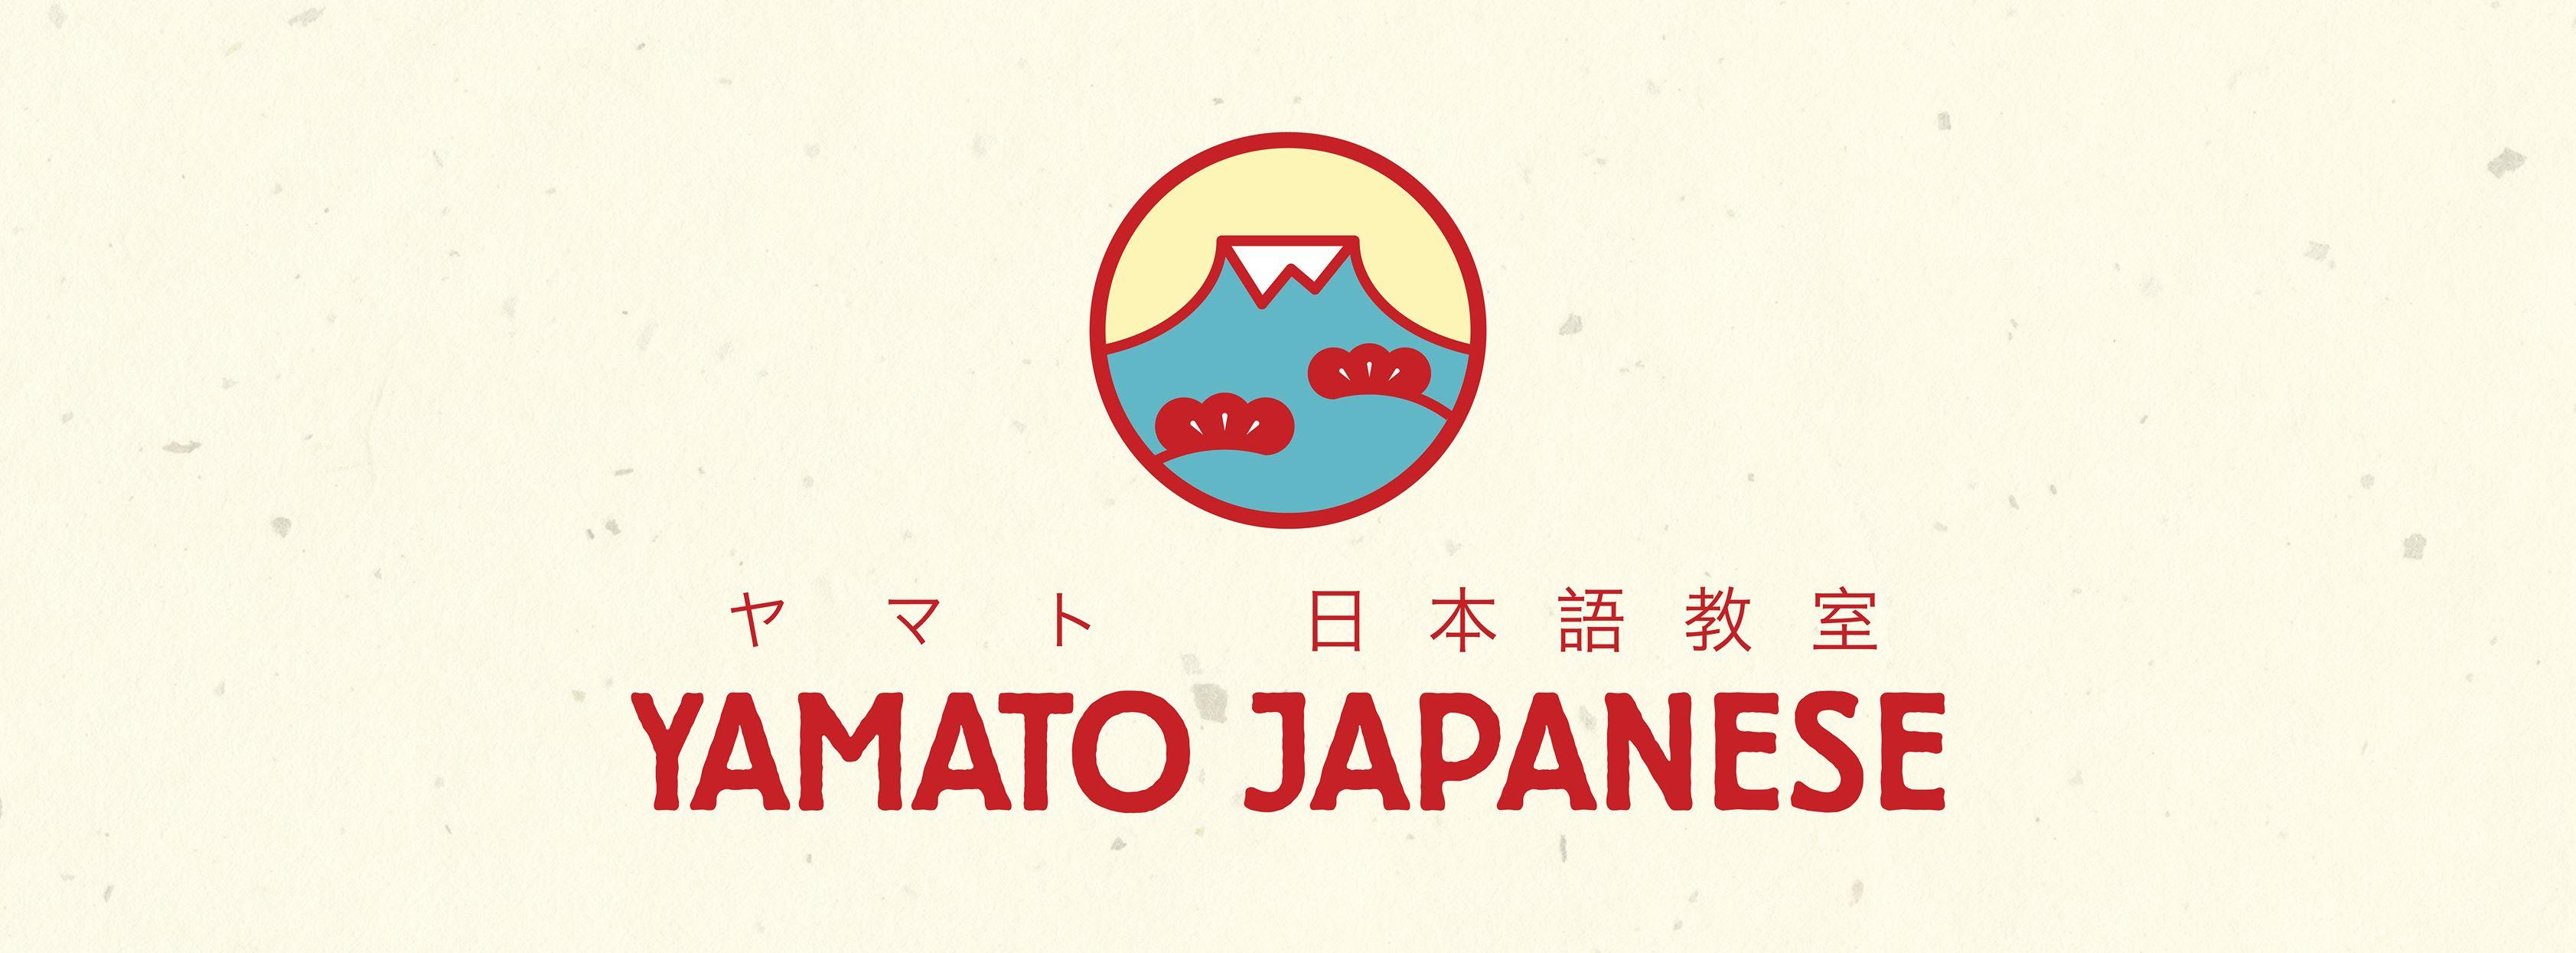 大和日語教室